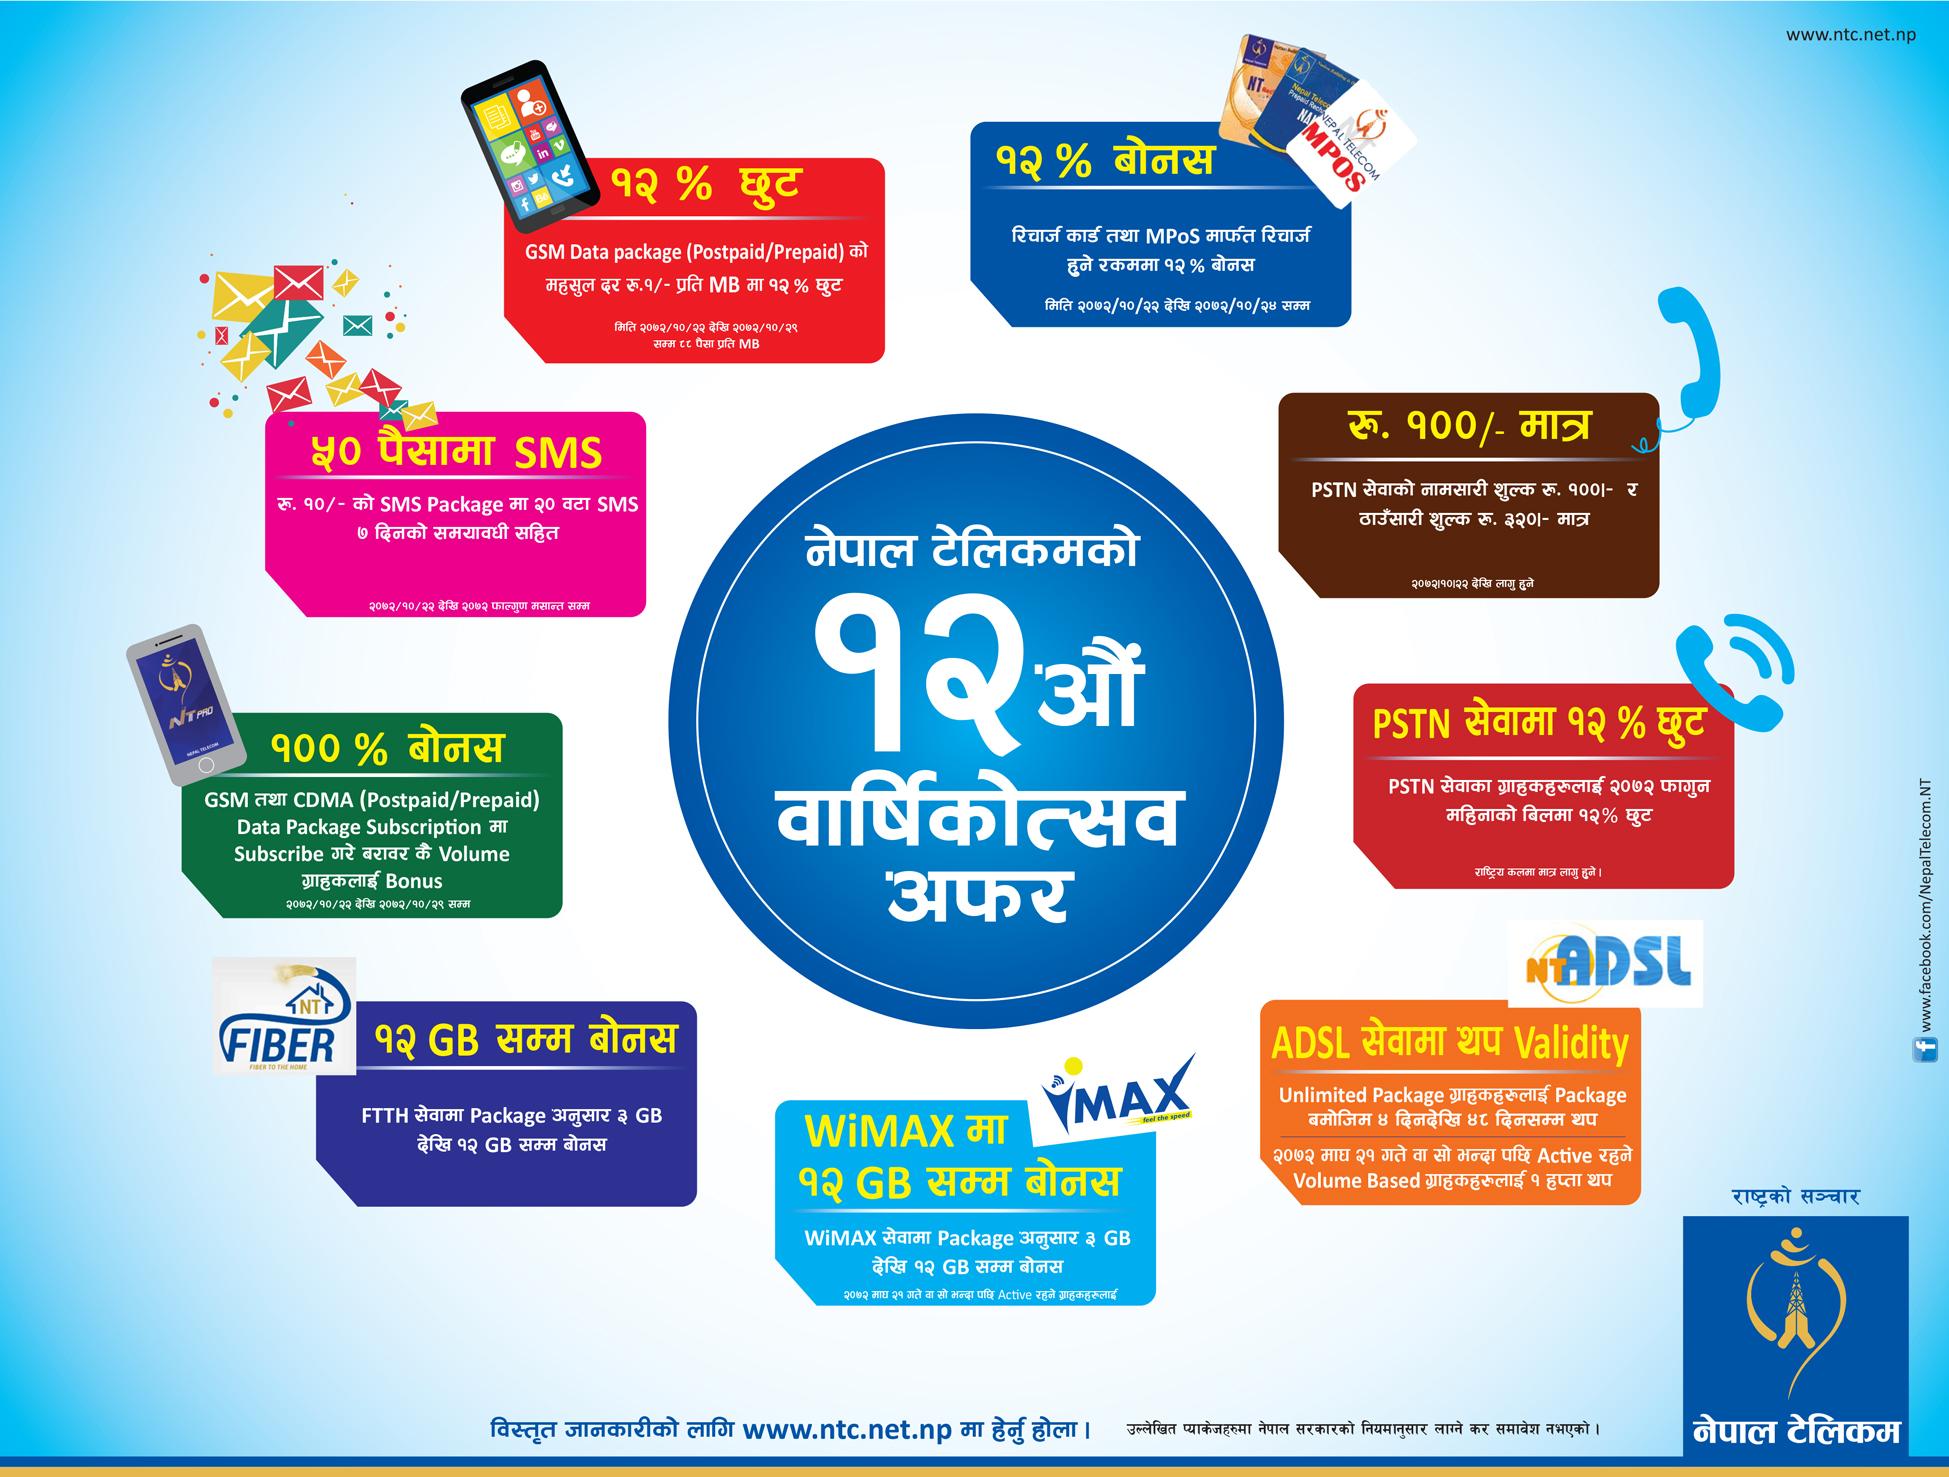 Nepal Telecome